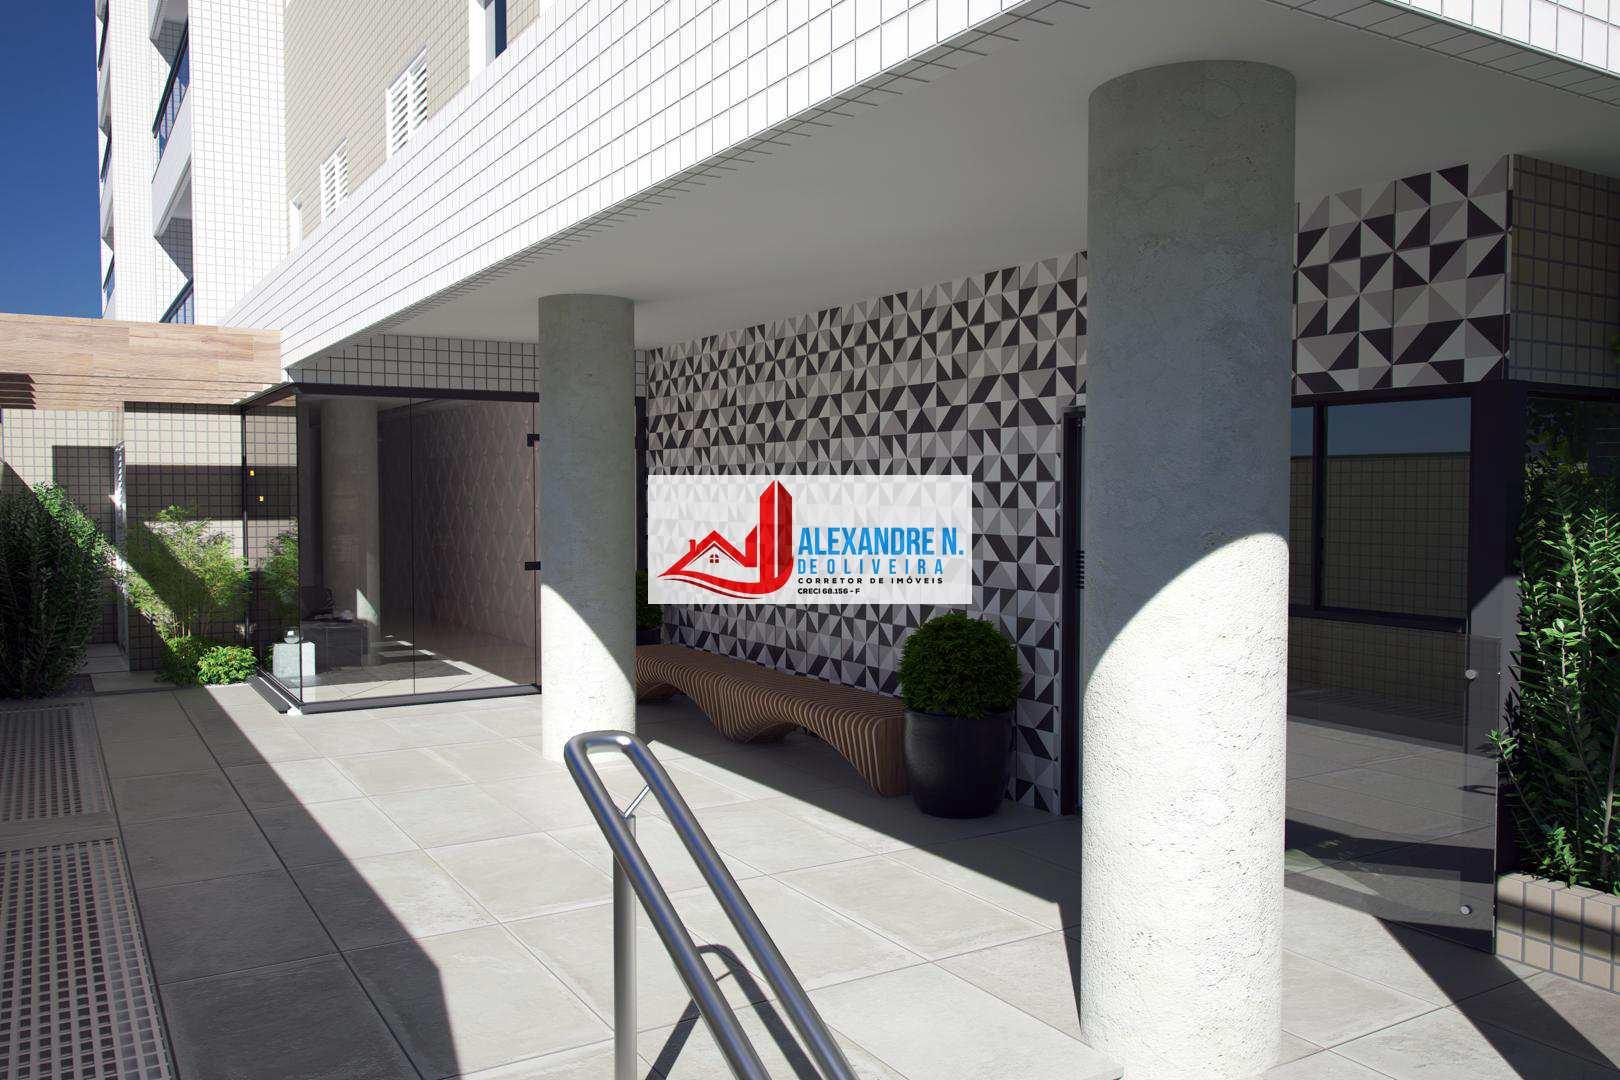 Apto 1 dorm, Ocian, Praia Grande, Entr. R$ 14 mil, AP00020